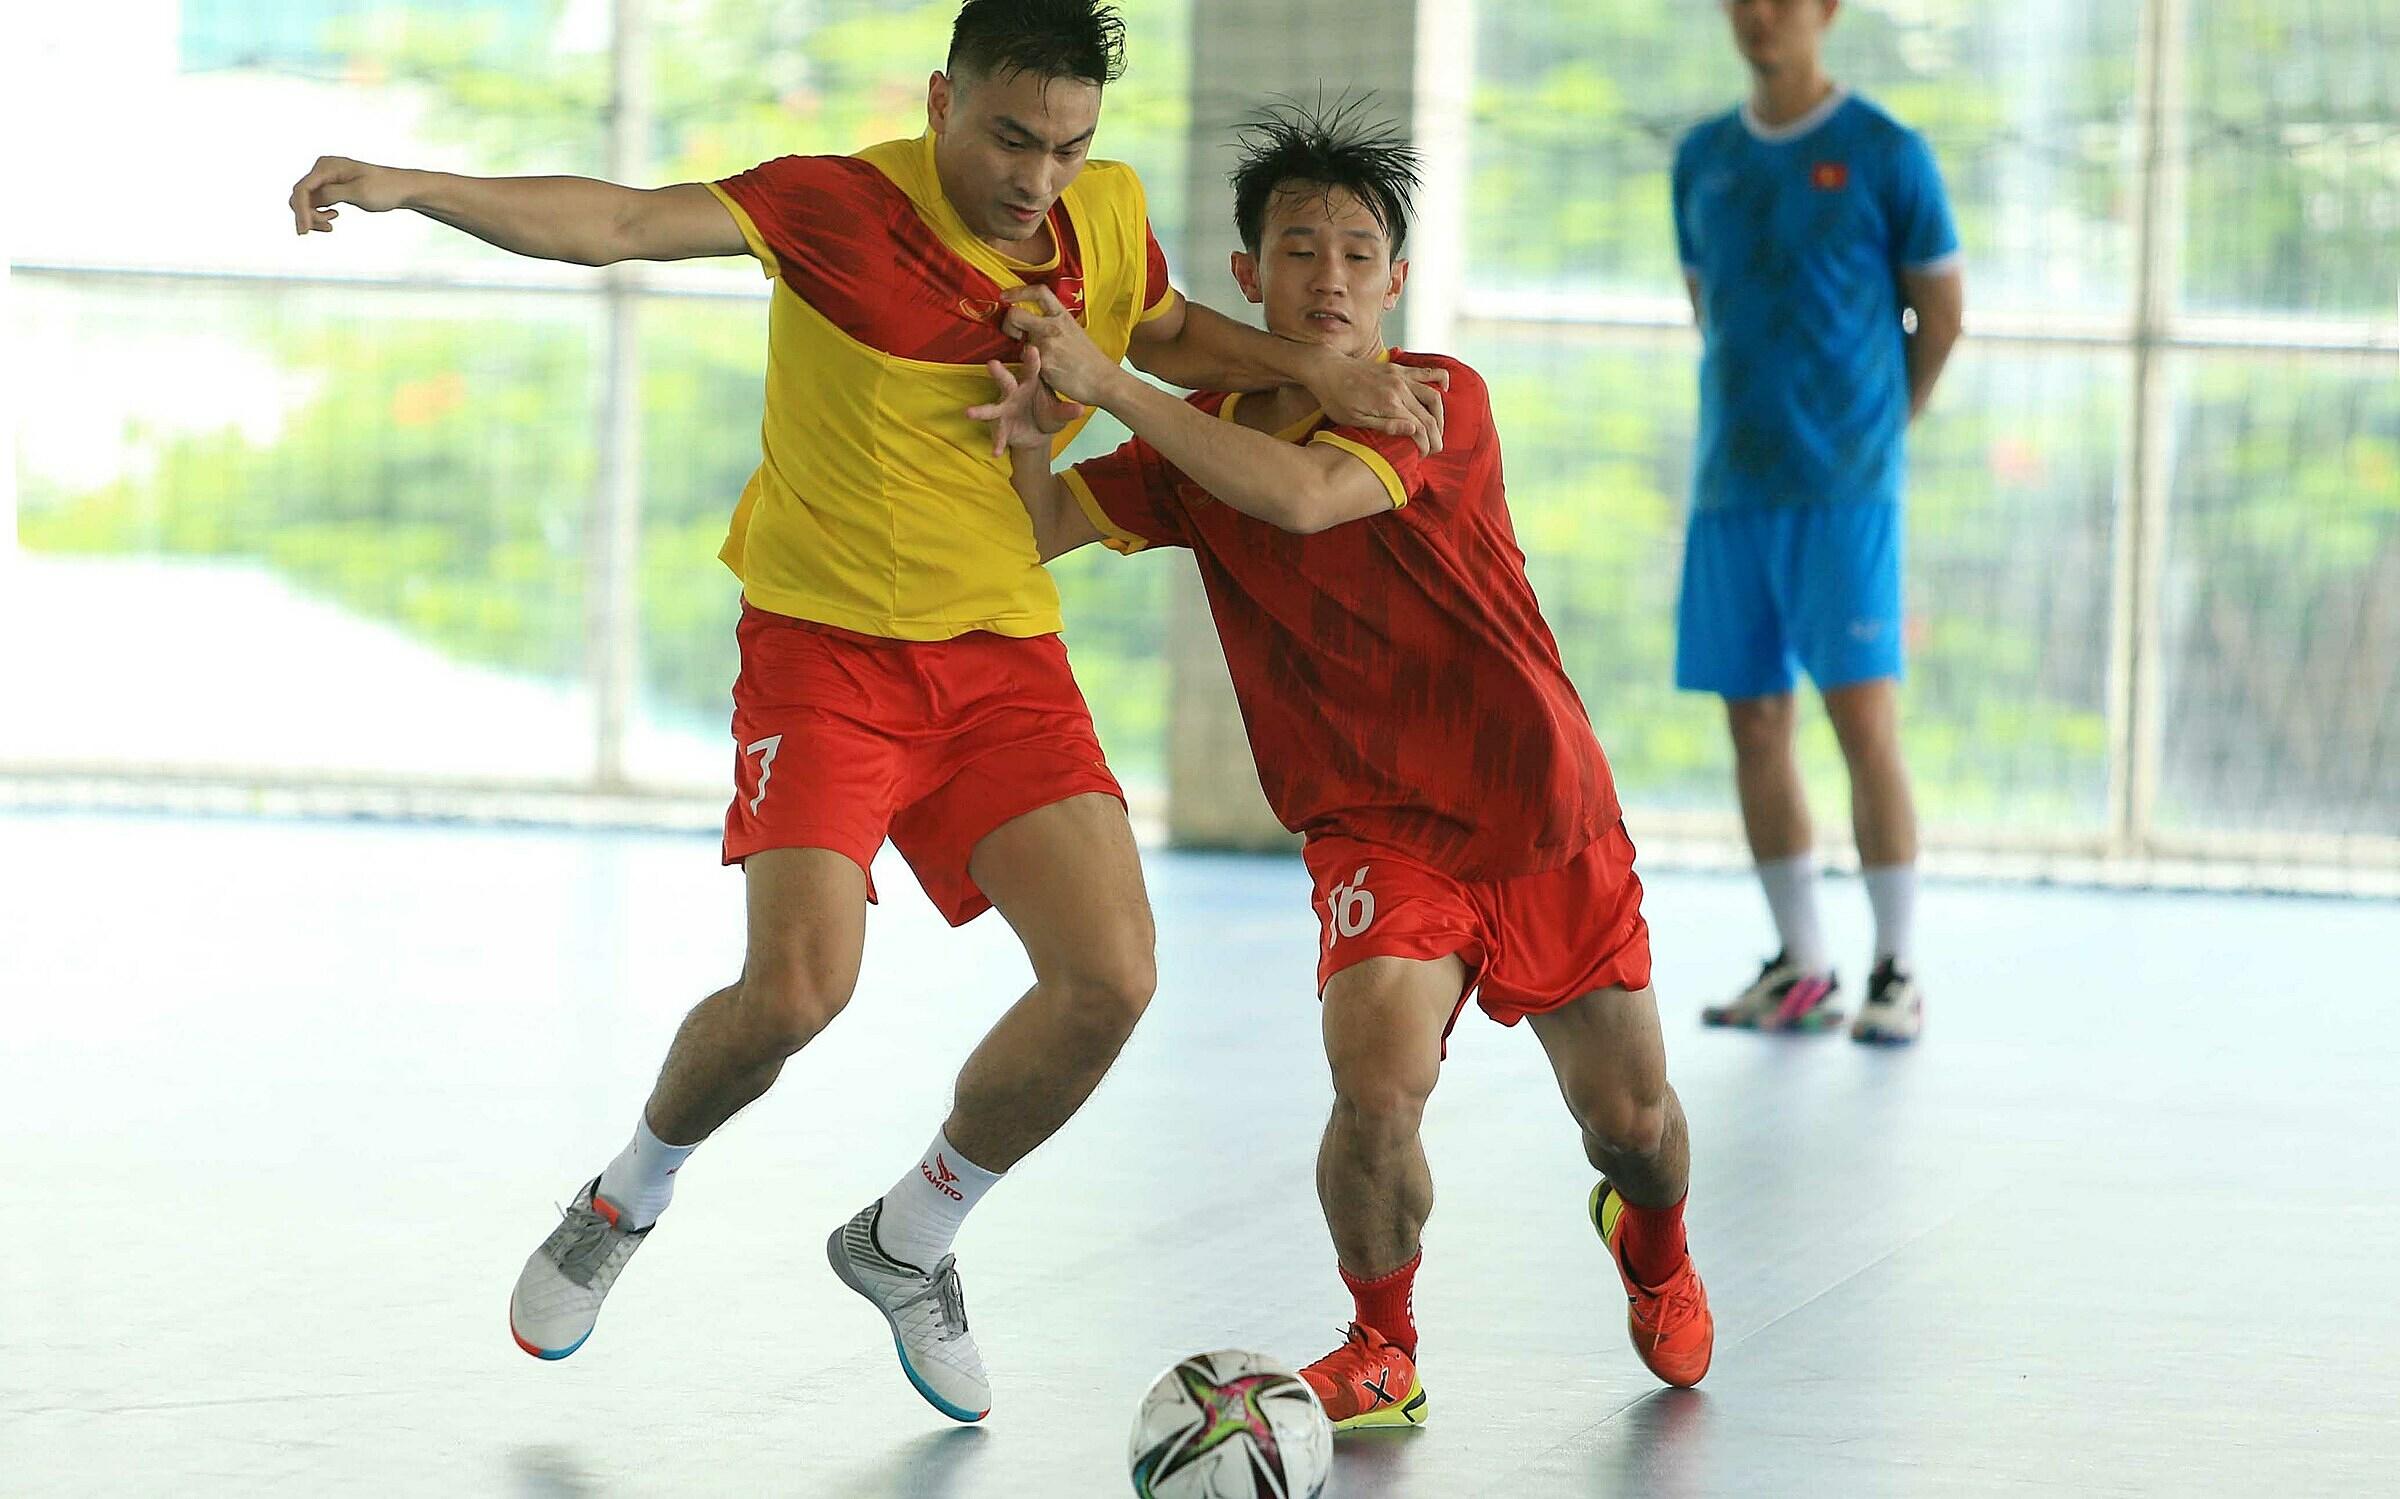 Các cầu thủ futsal Việt Nam sẽ có khoảng năm trận giao hữu tại châu Âu trước khi bước vào tranh tài ở VCK FIFA Futsal World Cup 2021. Ảnh: Đoàn Huynh